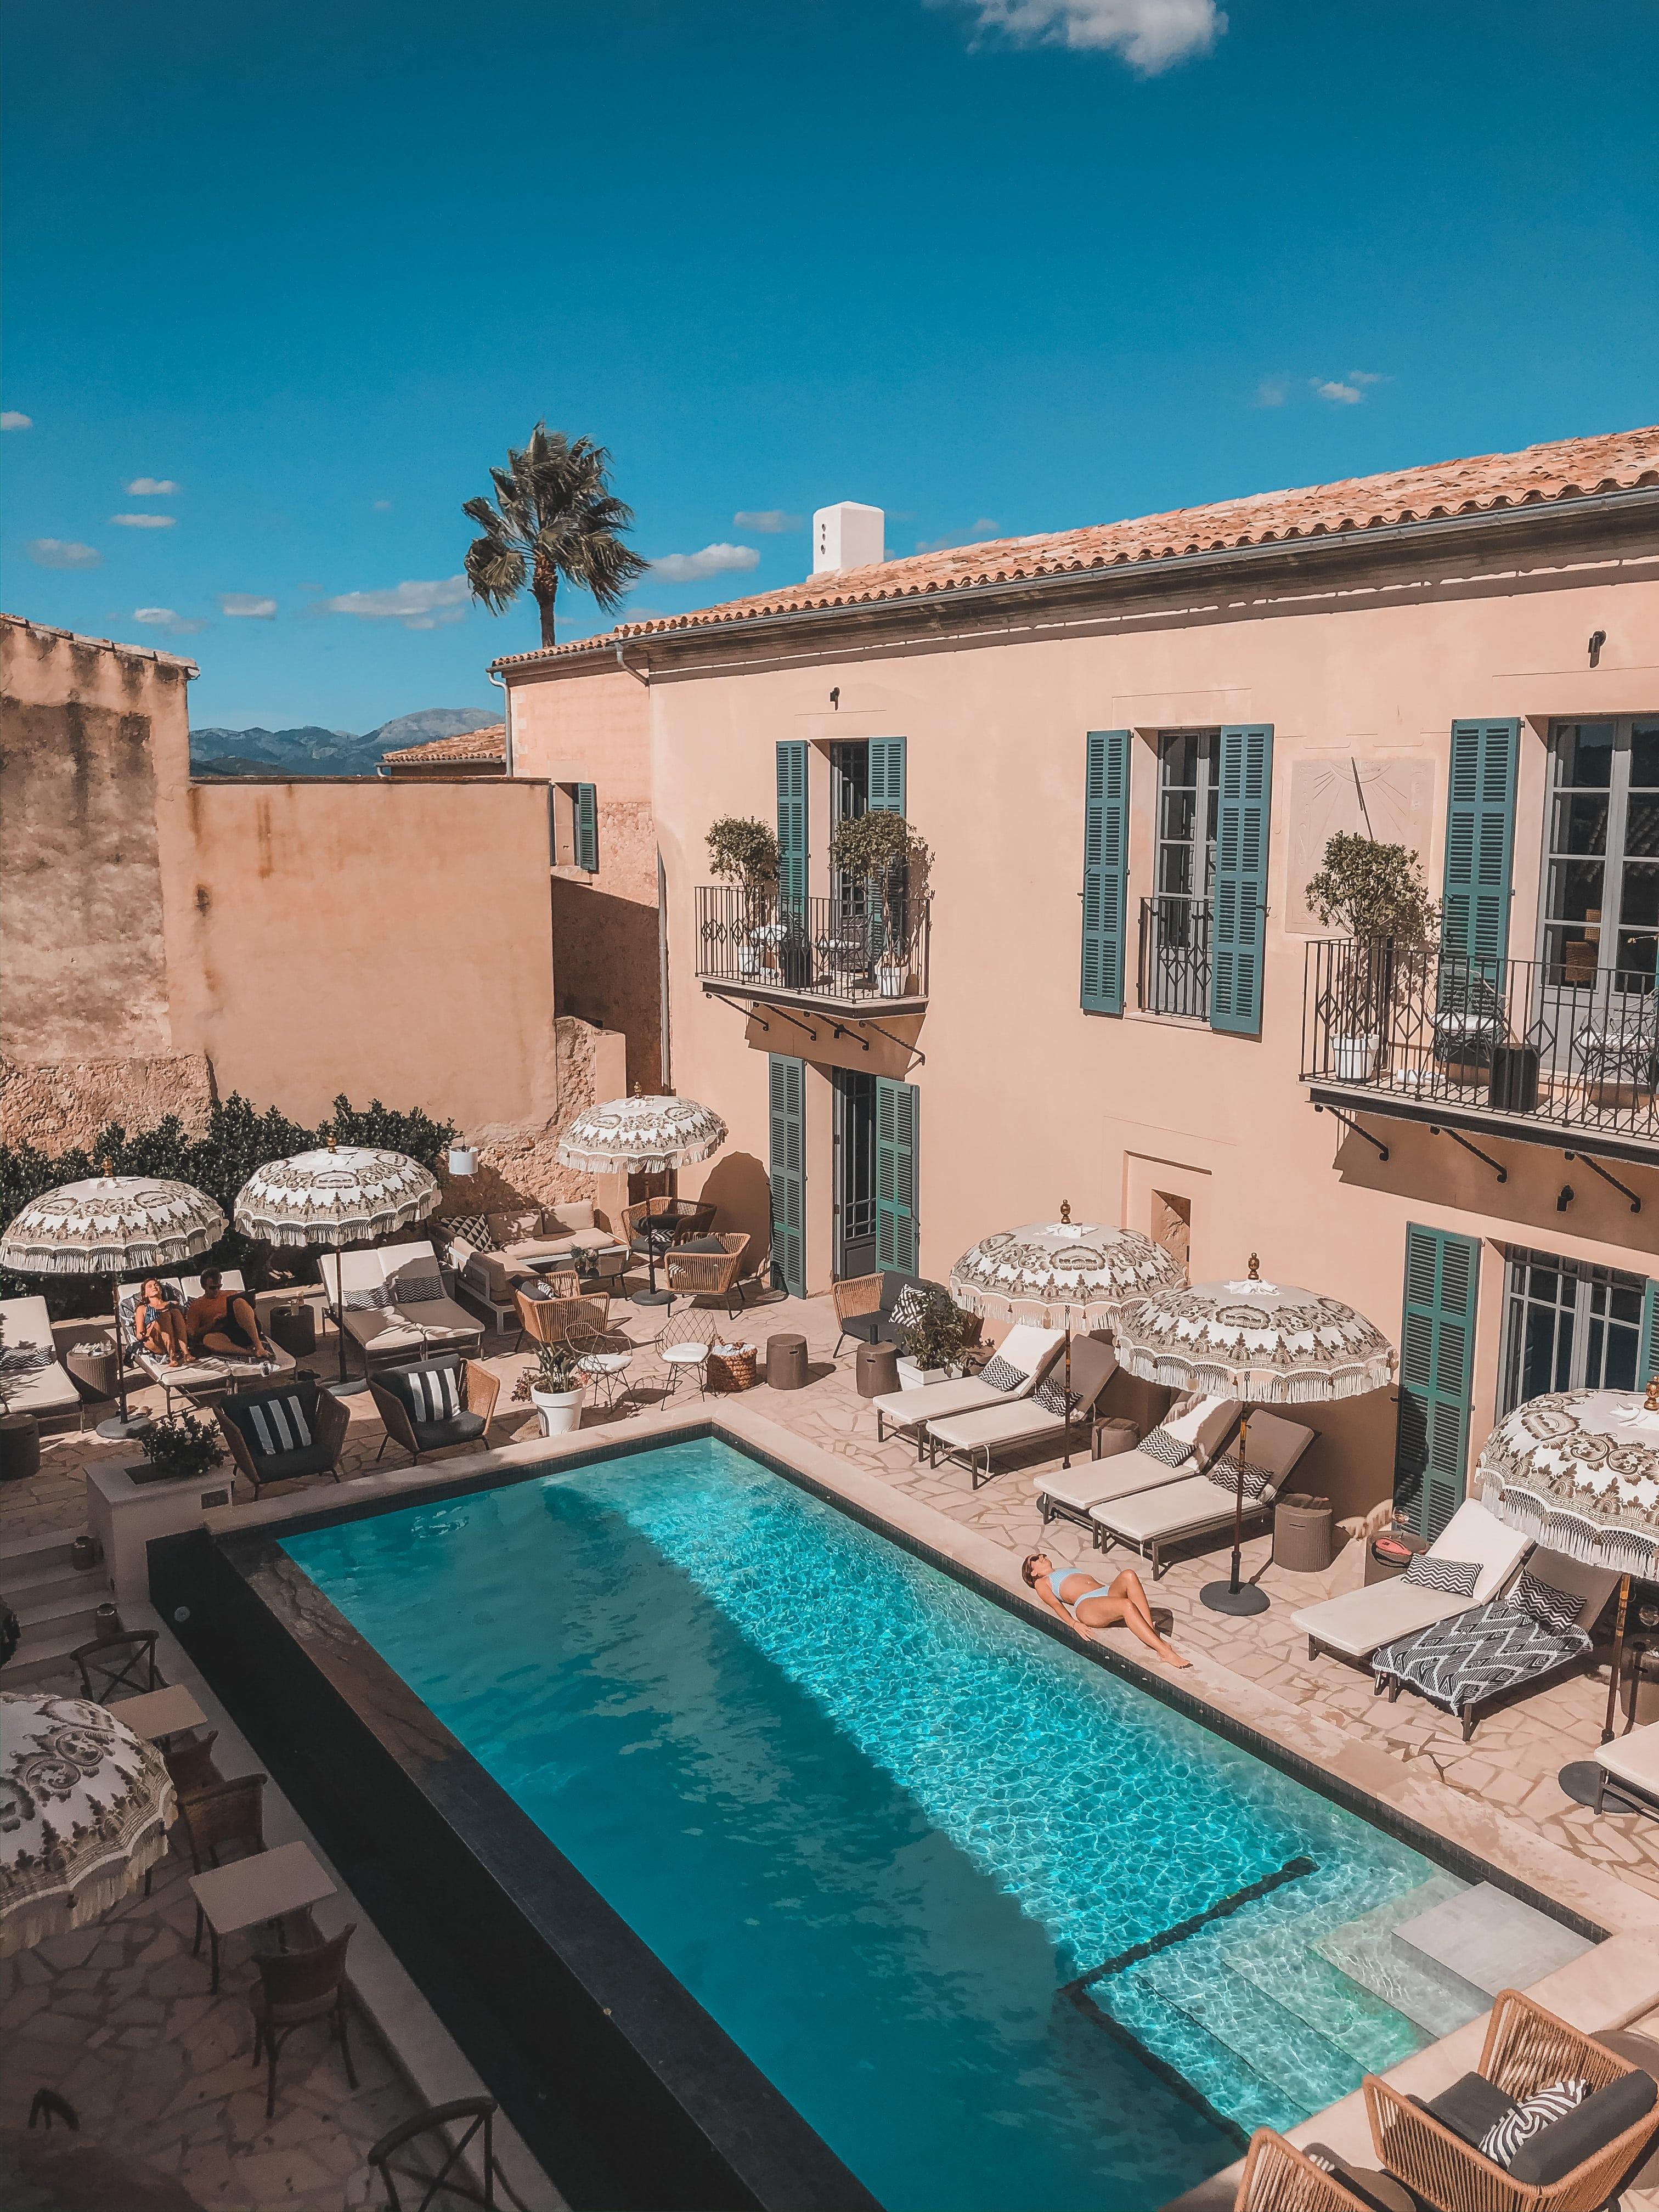 Instagram-worthy hotel in Mallorca: dream pool